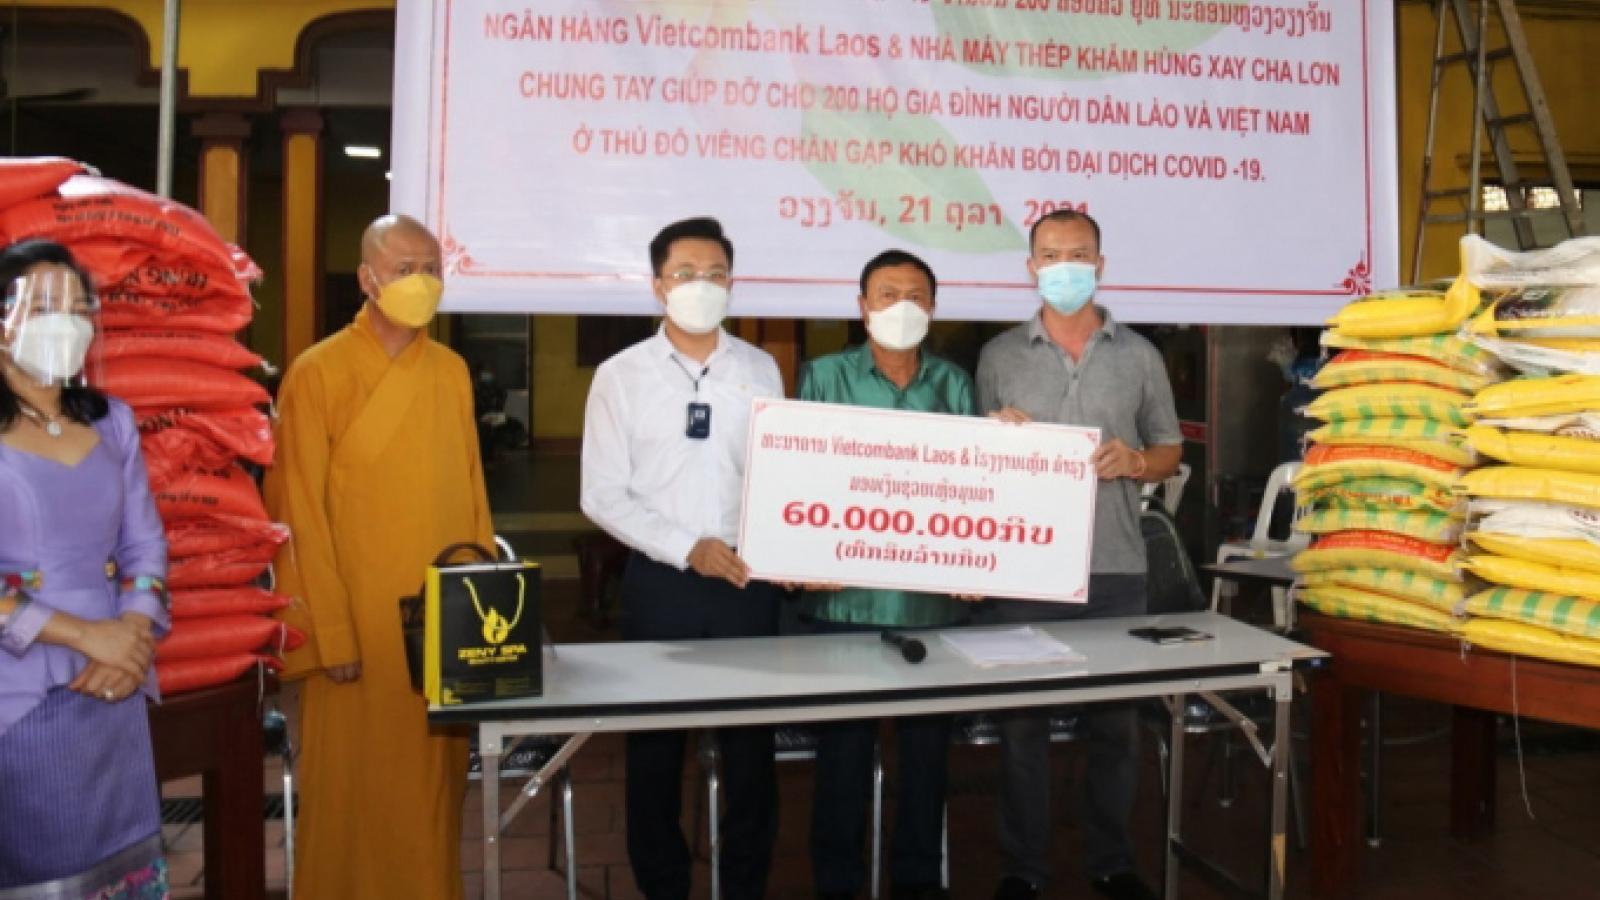 Hỗ trợ người dân Lào - Việt gặp khó khăn trong đại dịch Covid-19